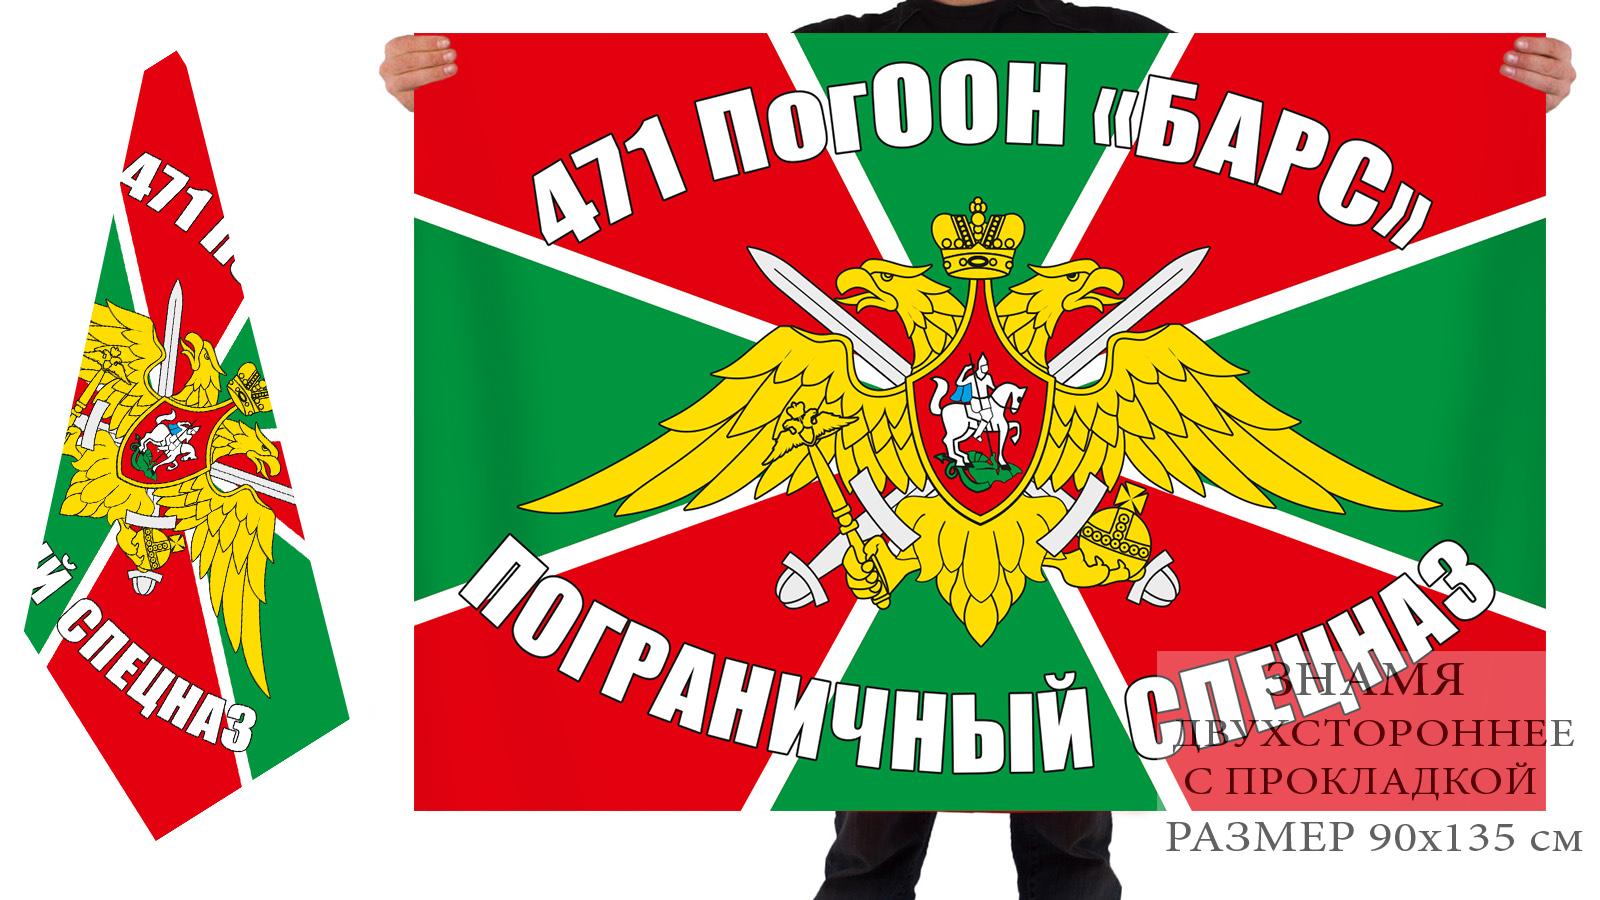 Пограничный флаг 471-го ПогООН Барс